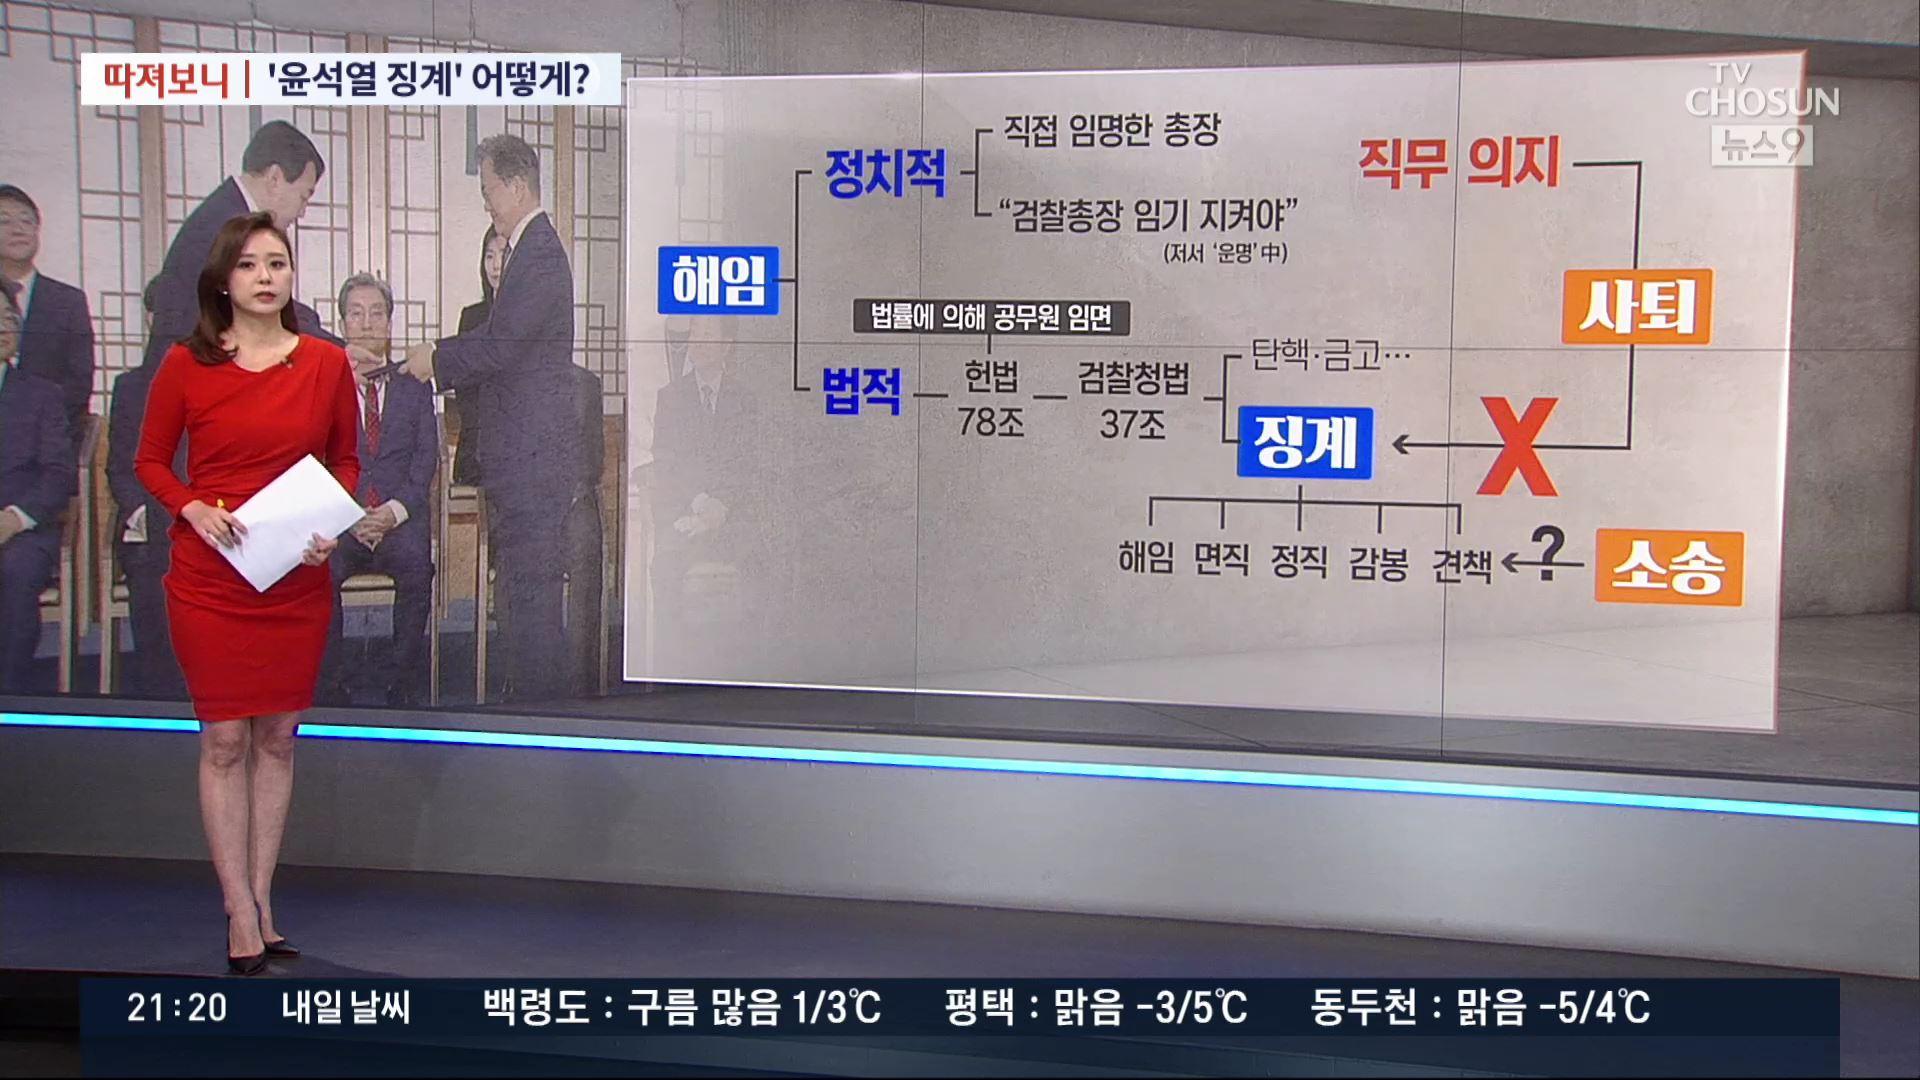 [따져보니] '윤석열 징계' 경우의 수…文의 선택은?